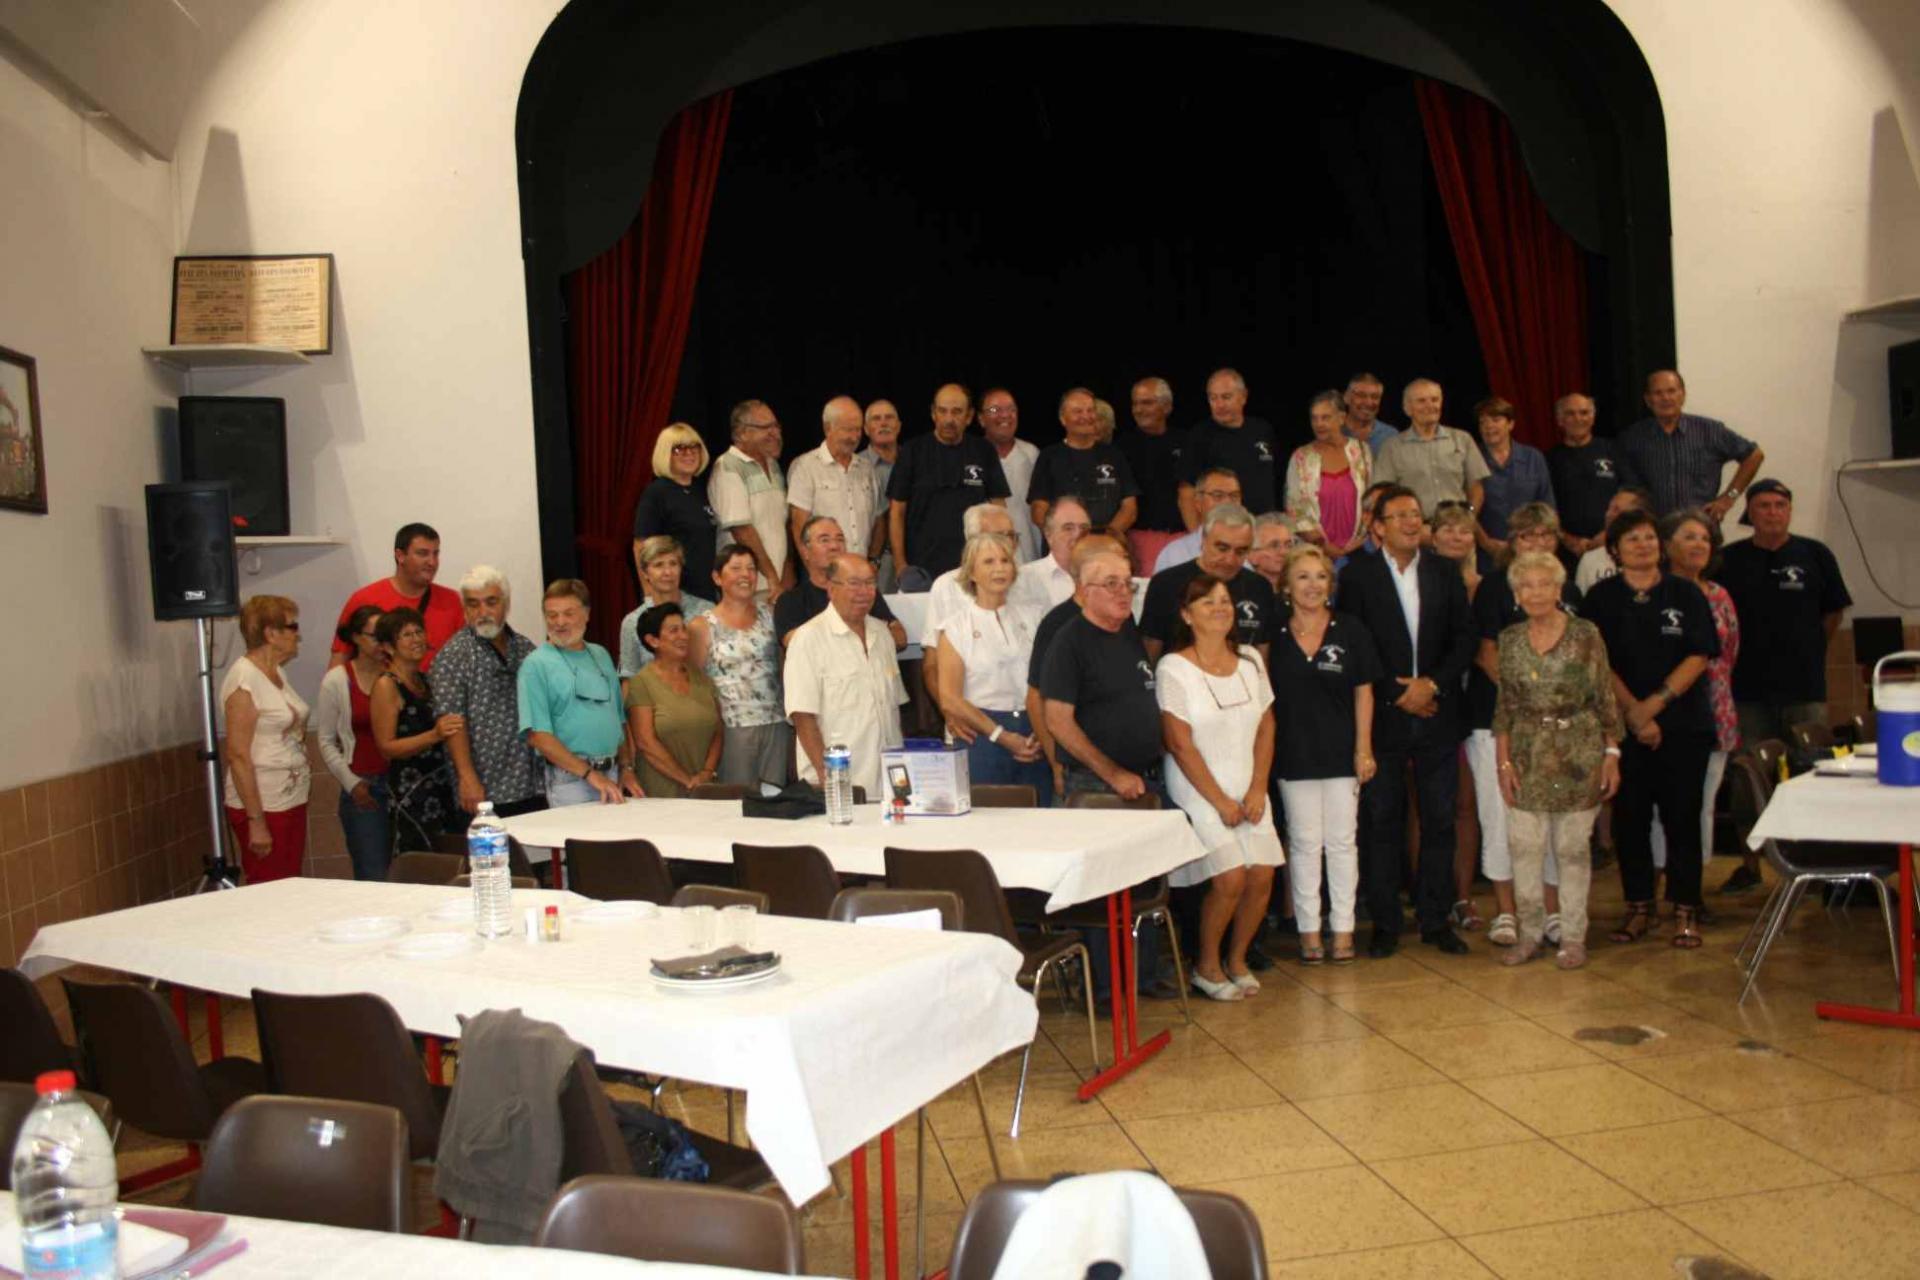 43 Le repas - photo finale de l'assemblée